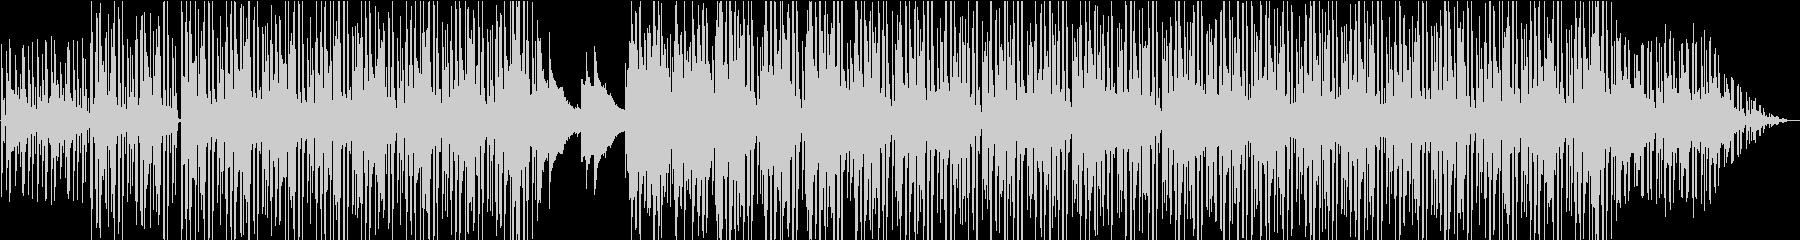 ジャズ系クールなR&B/トランペットメロの未再生の波形